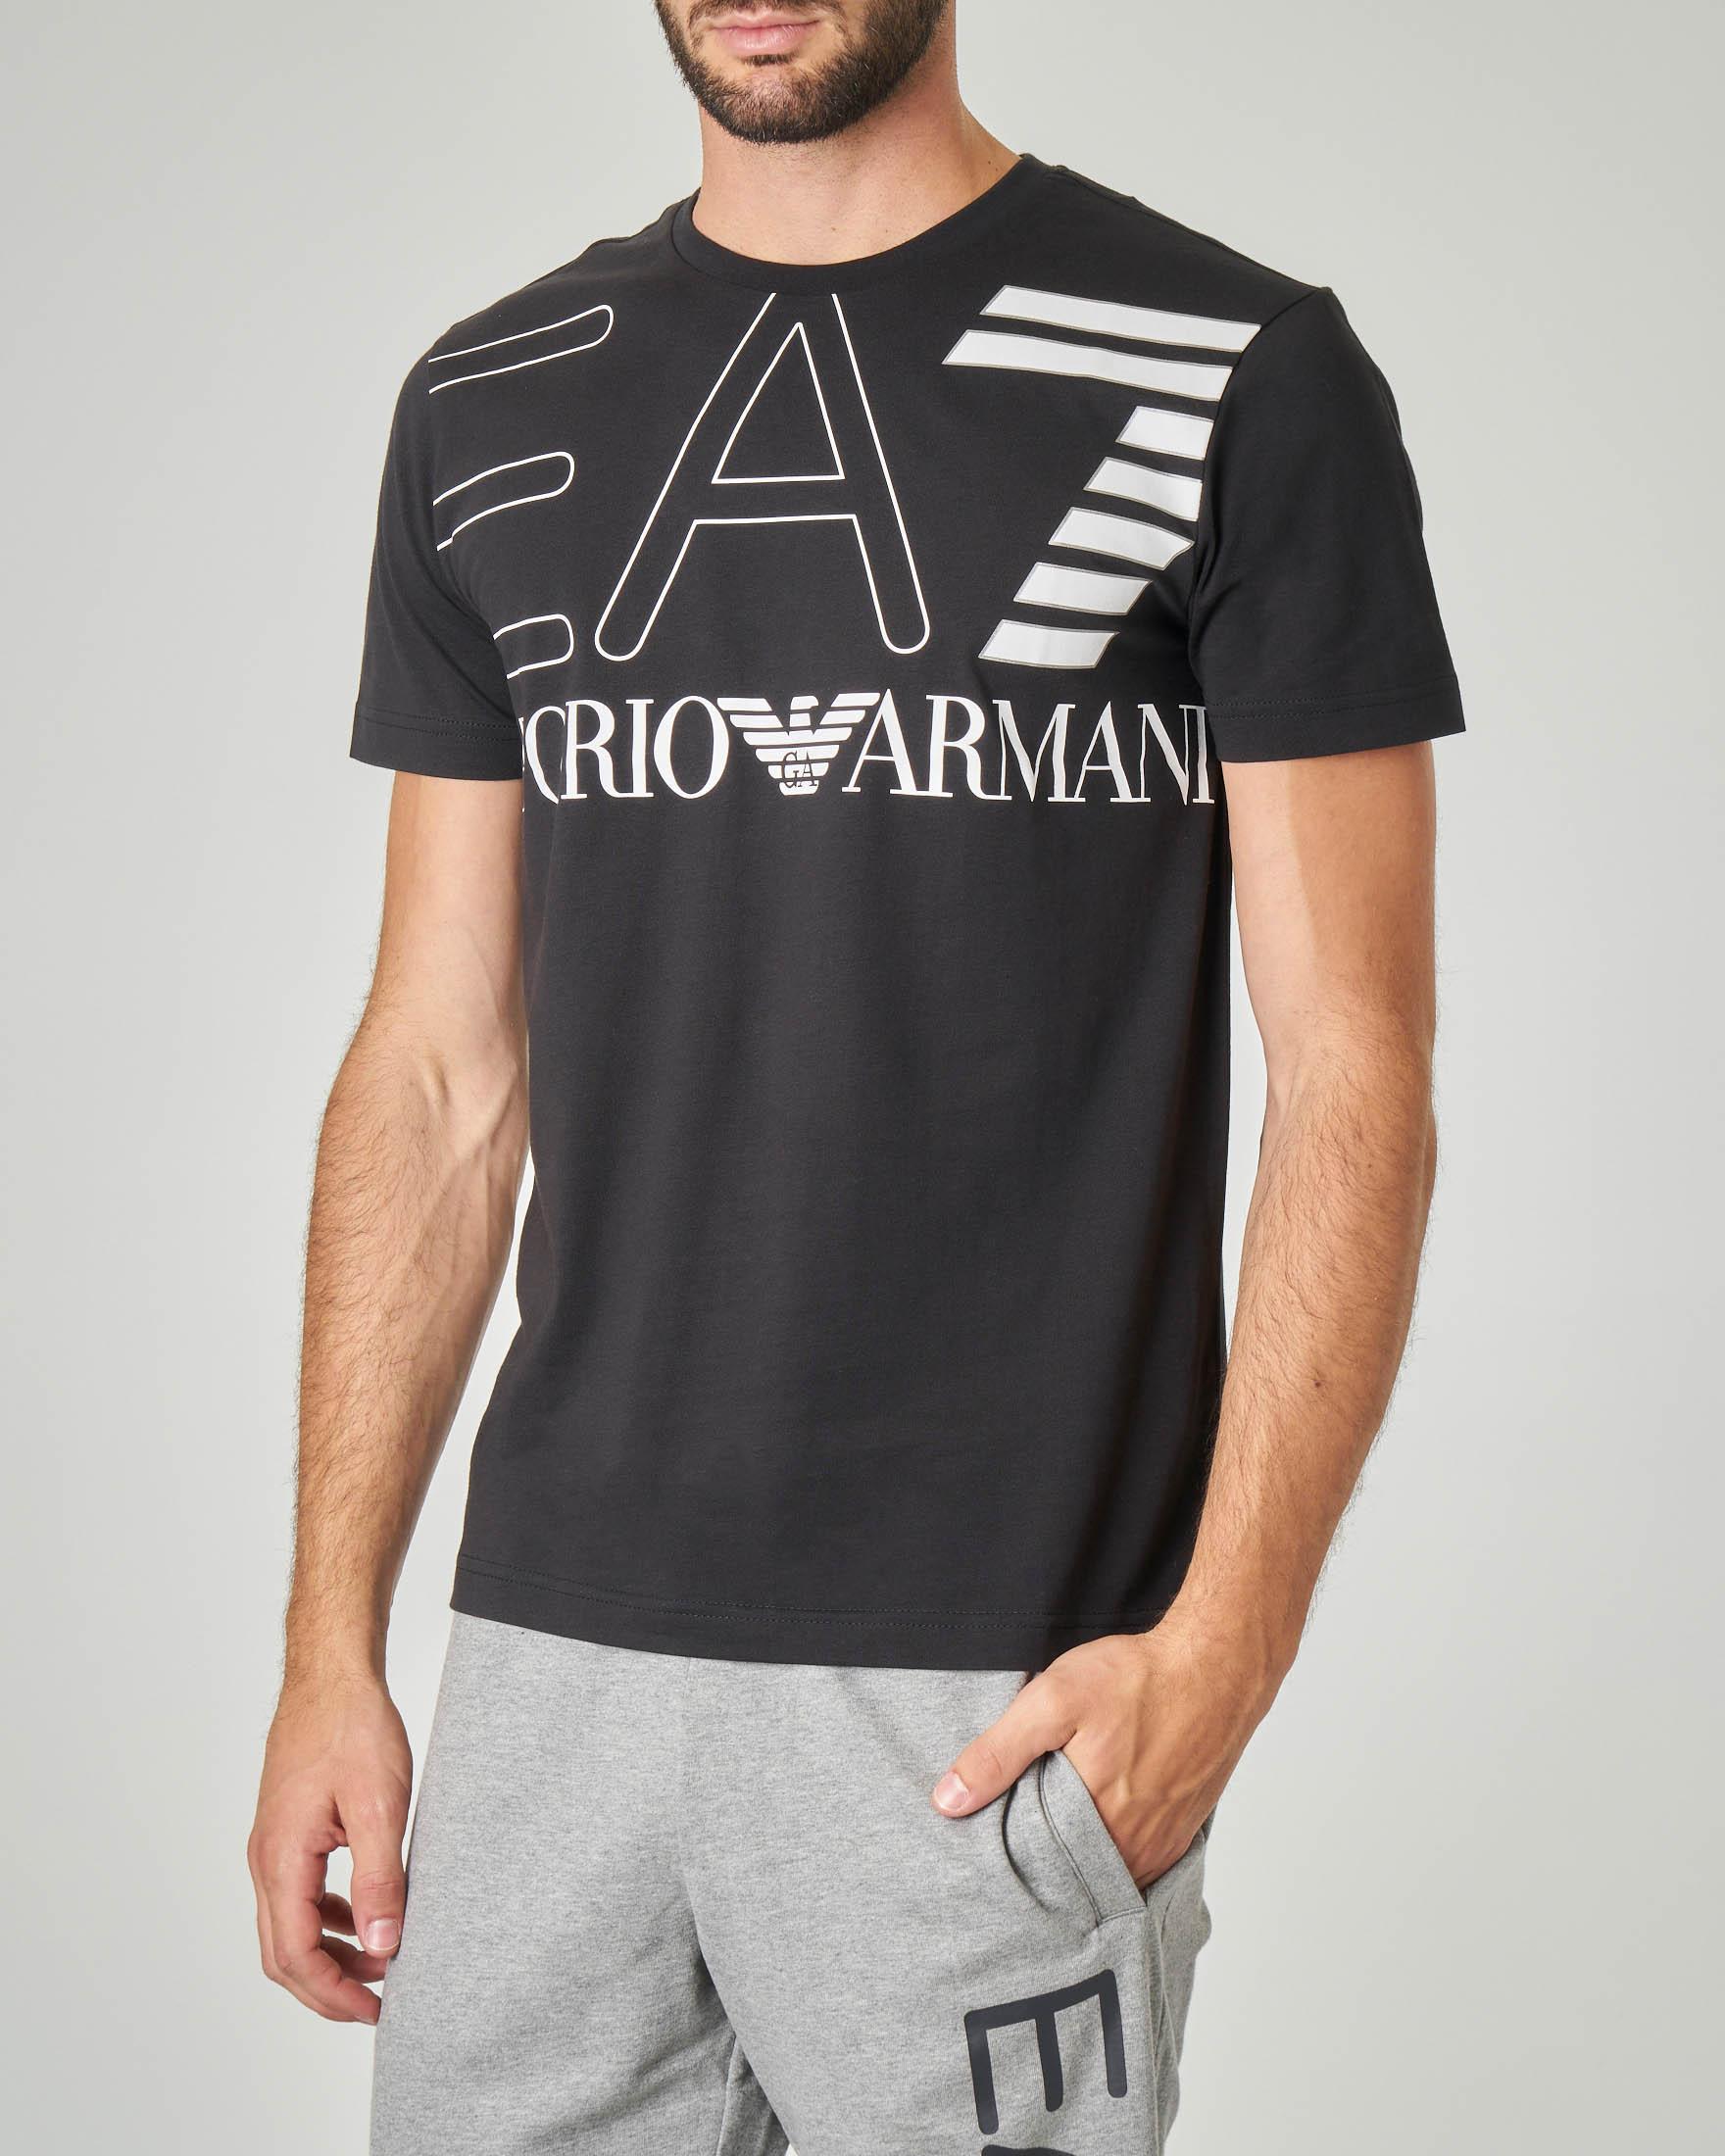 T-shirt nera con logo EA7 grande su petto e spalle